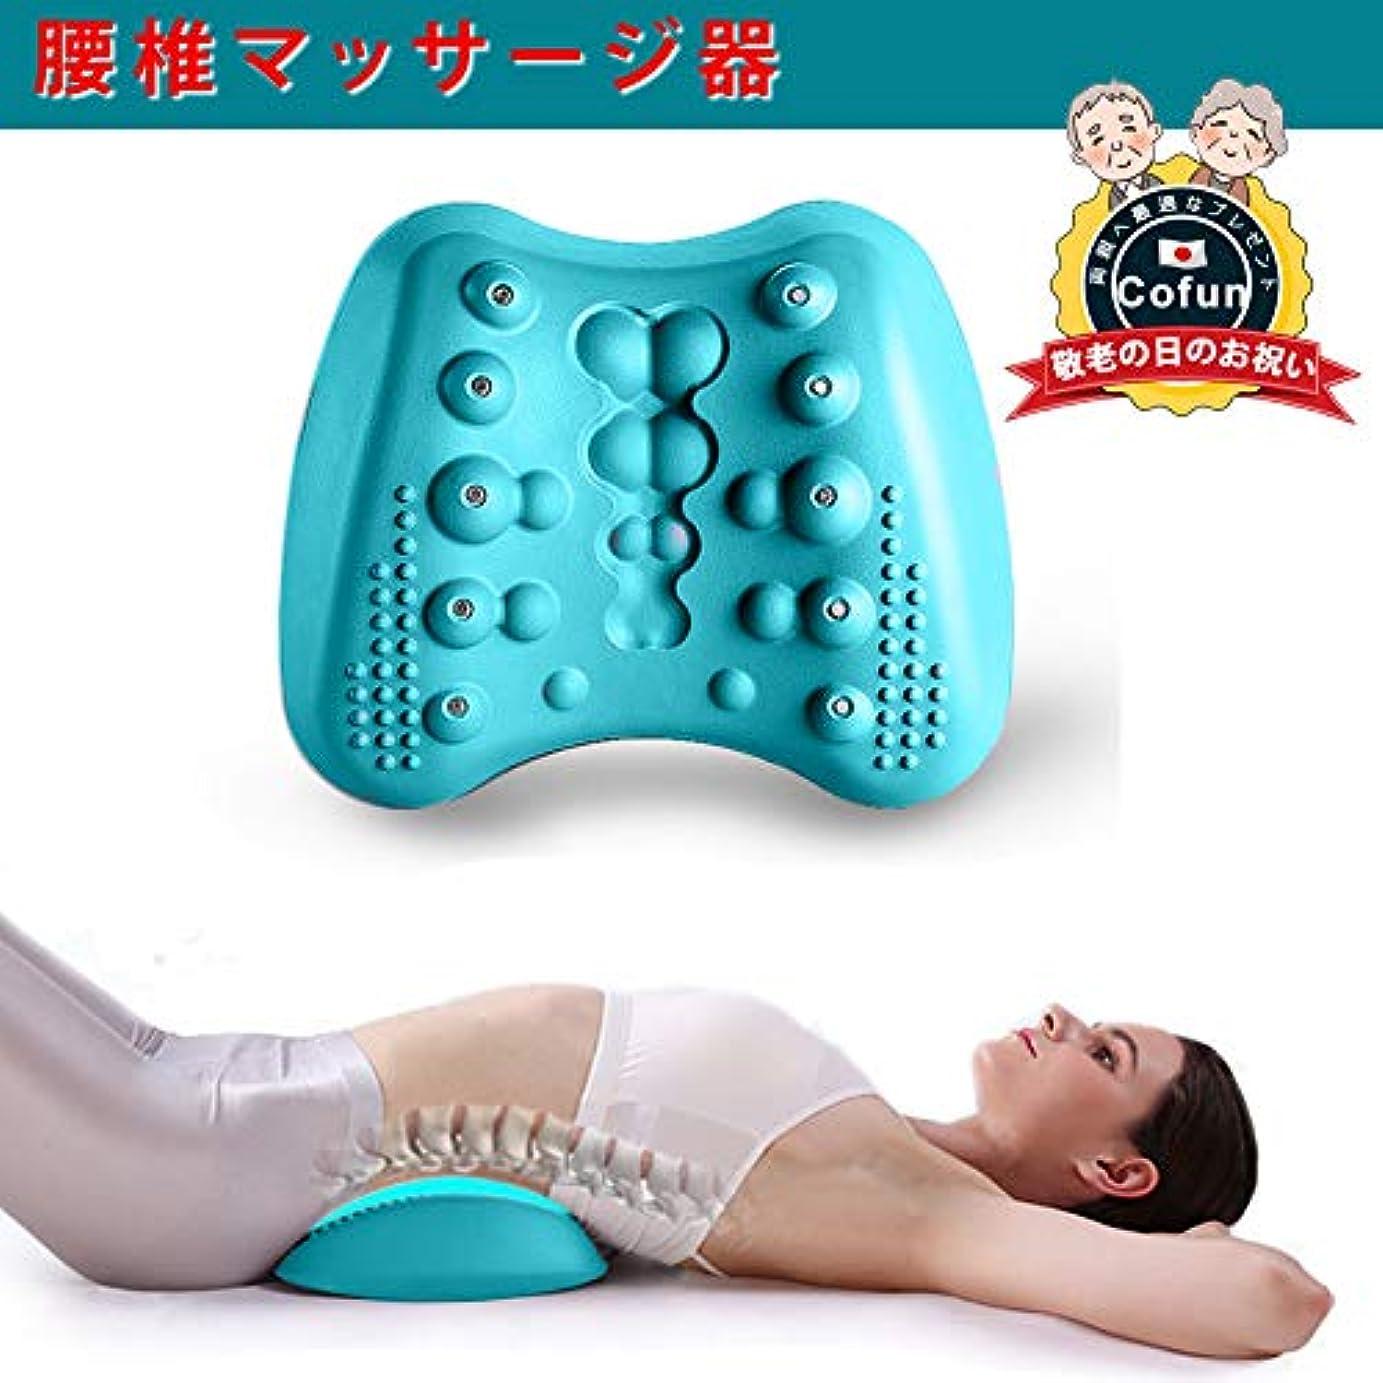 の量植物学回る敬老の日 腰椎矯正器 腰マッサージ器 脊椎牽引器 腰部パッド マグネット指圧 疲労を和らげる 腰痛を和らげる 腰痛 改善 サポーター 男女兼用